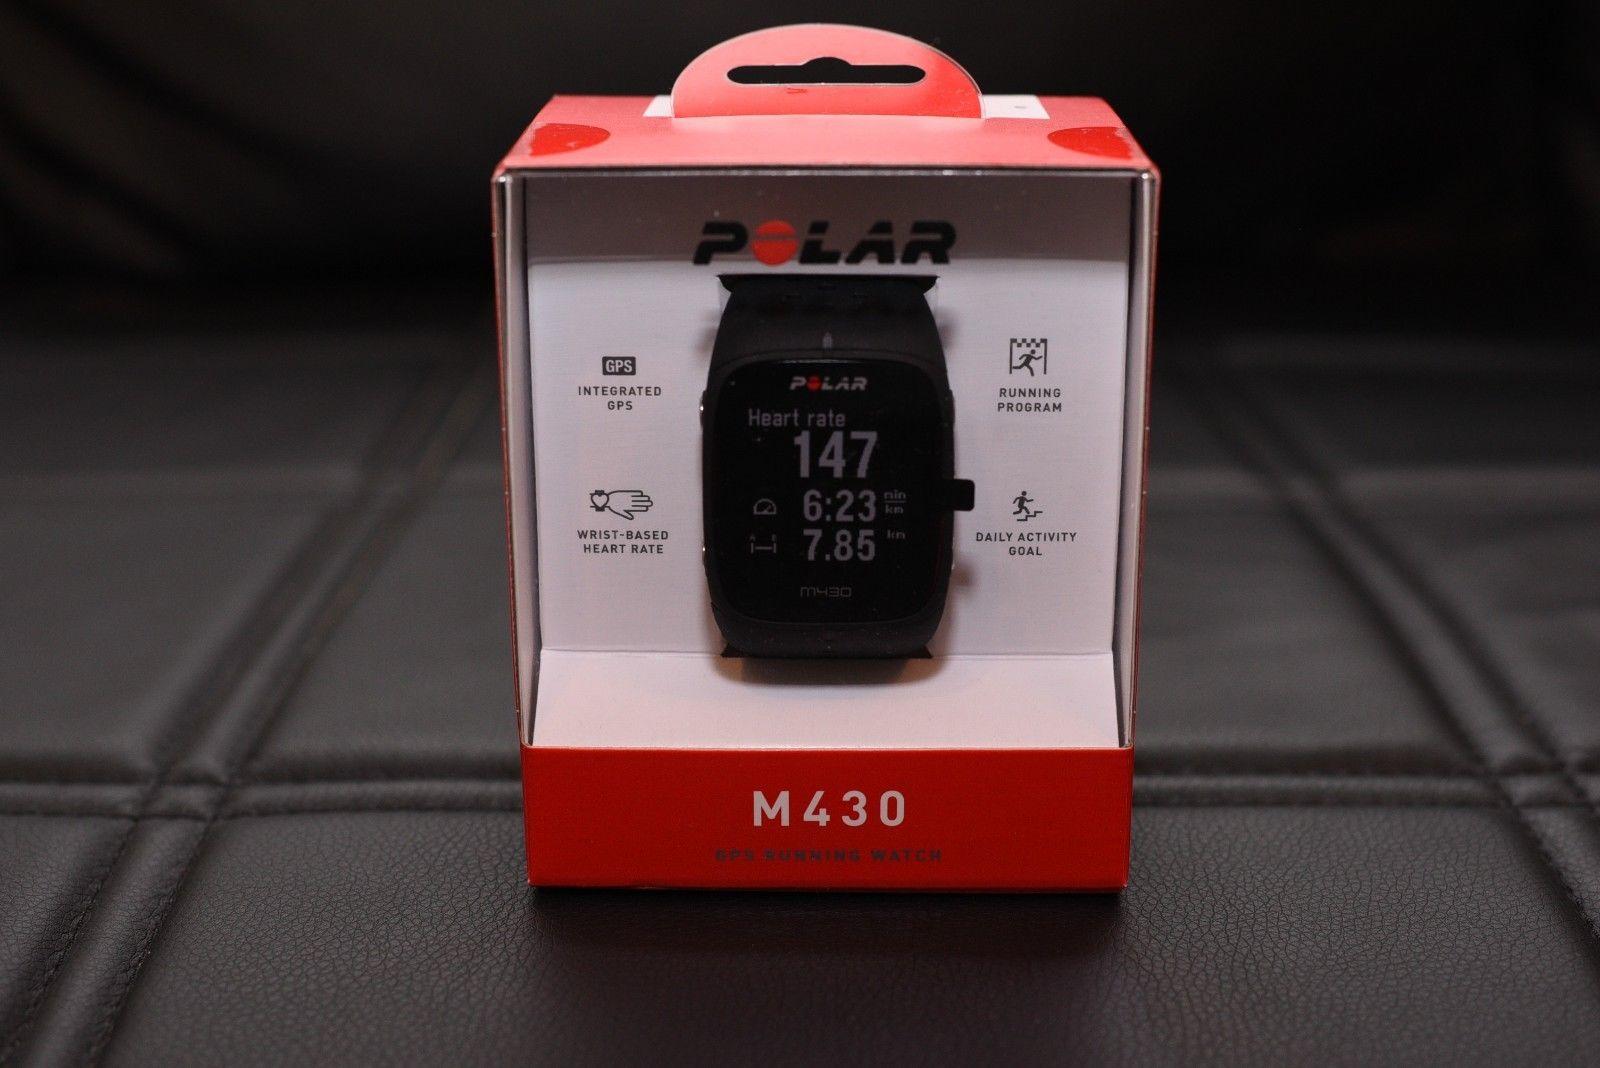 POLAR M430 GPS Running Uhr Fitnessuhr Herzfrequenz Geschwindigkeit Distanz